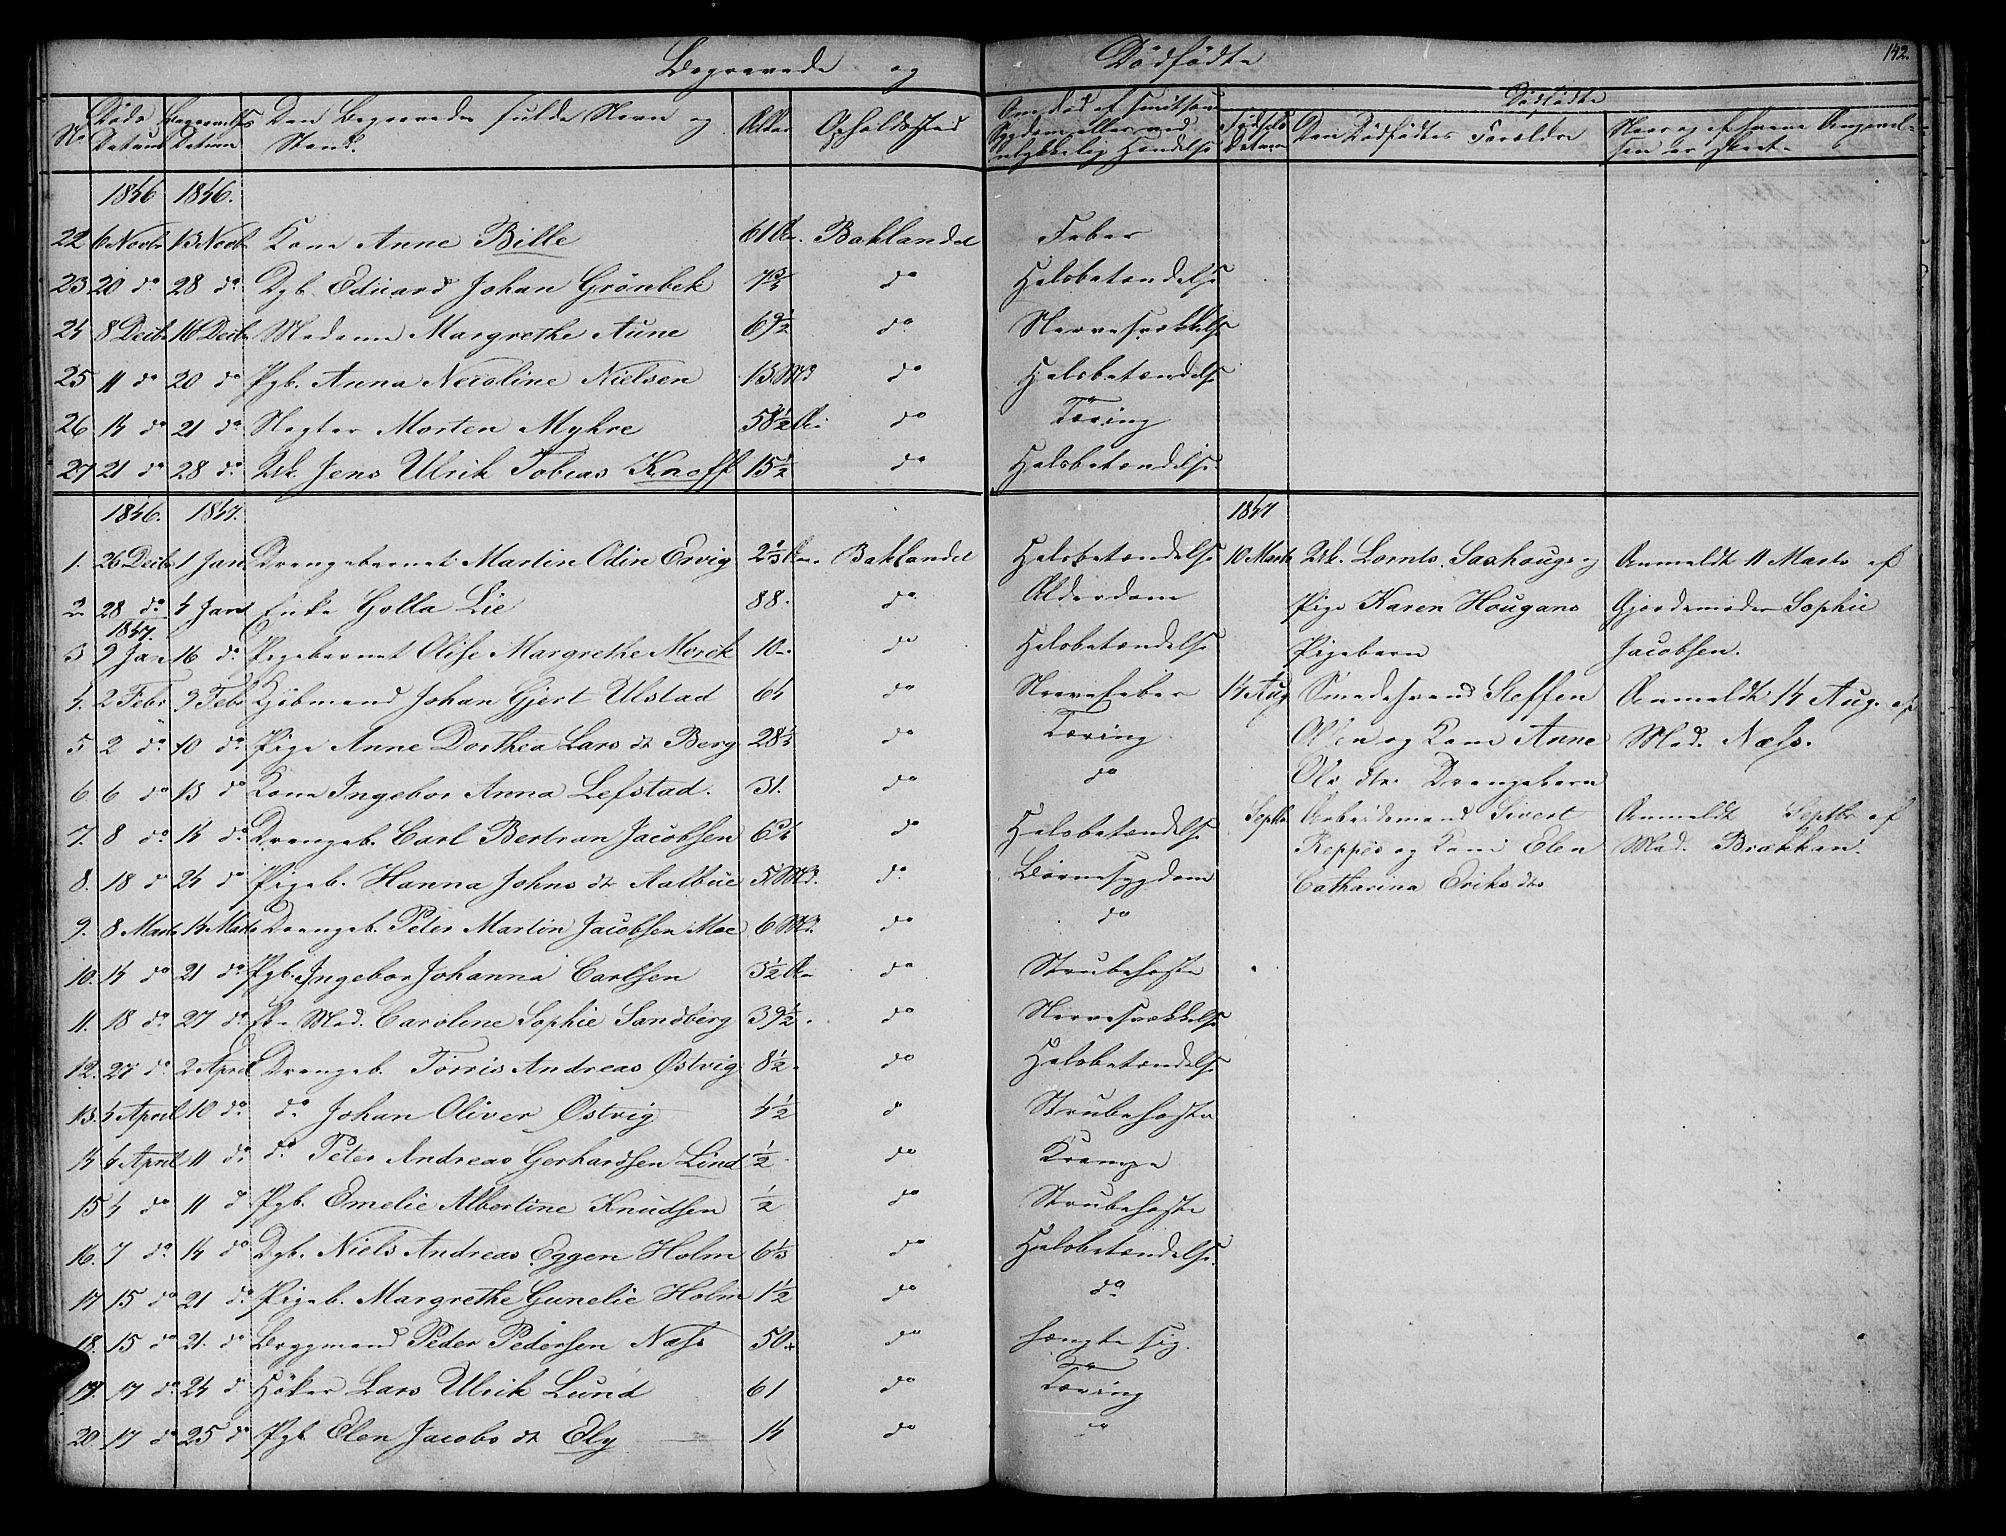 SAT, Ministerialprotokoller, klokkerbøker og fødselsregistre - Sør-Trøndelag, 604/L0182: Ministerialbok nr. 604A03, 1818-1850, s. 142